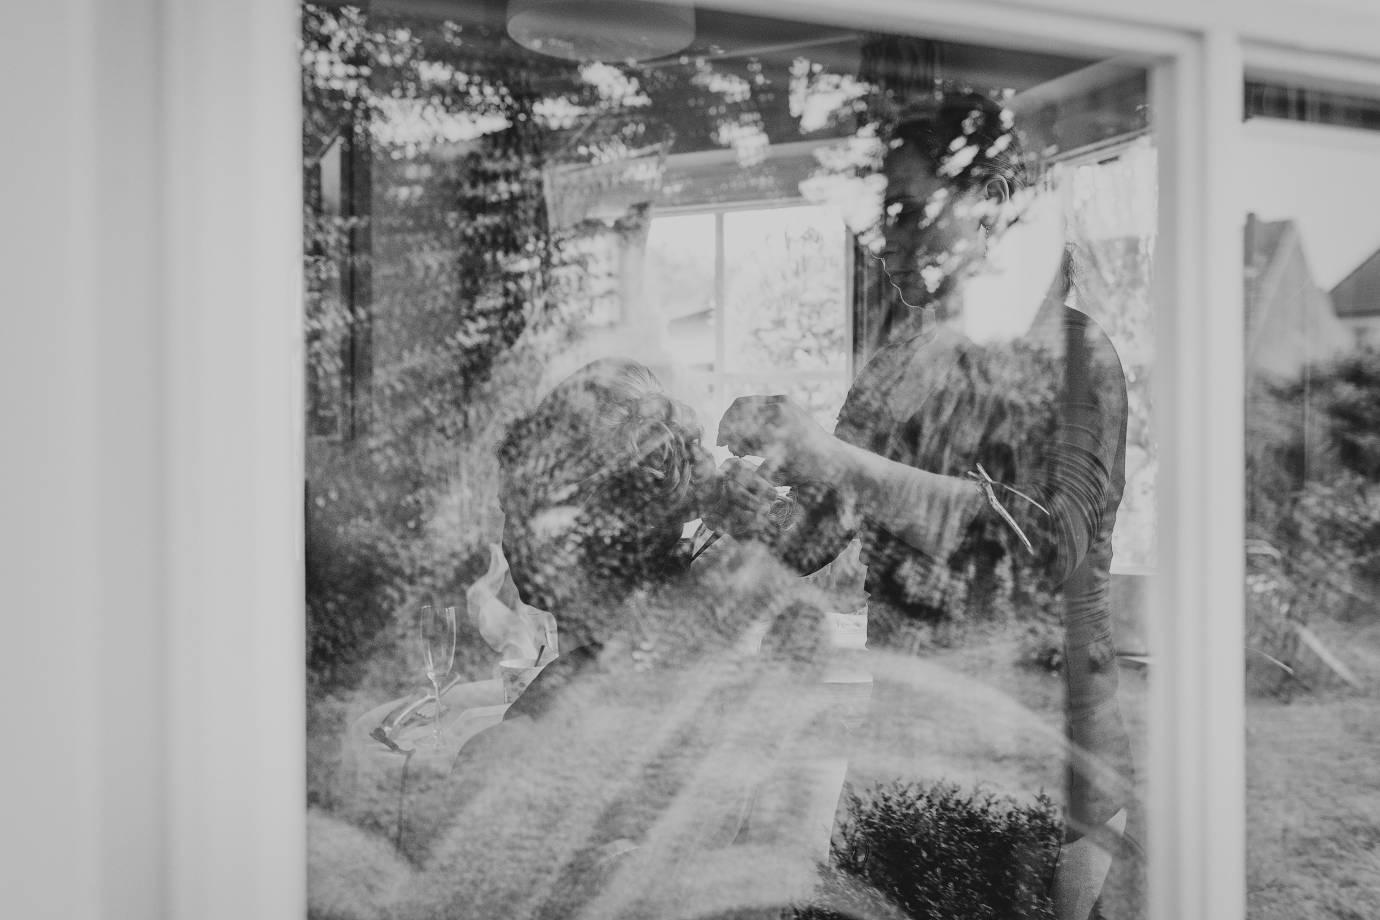 hochzeitsfotograf thedinghausen 018 - Nadine+Michael